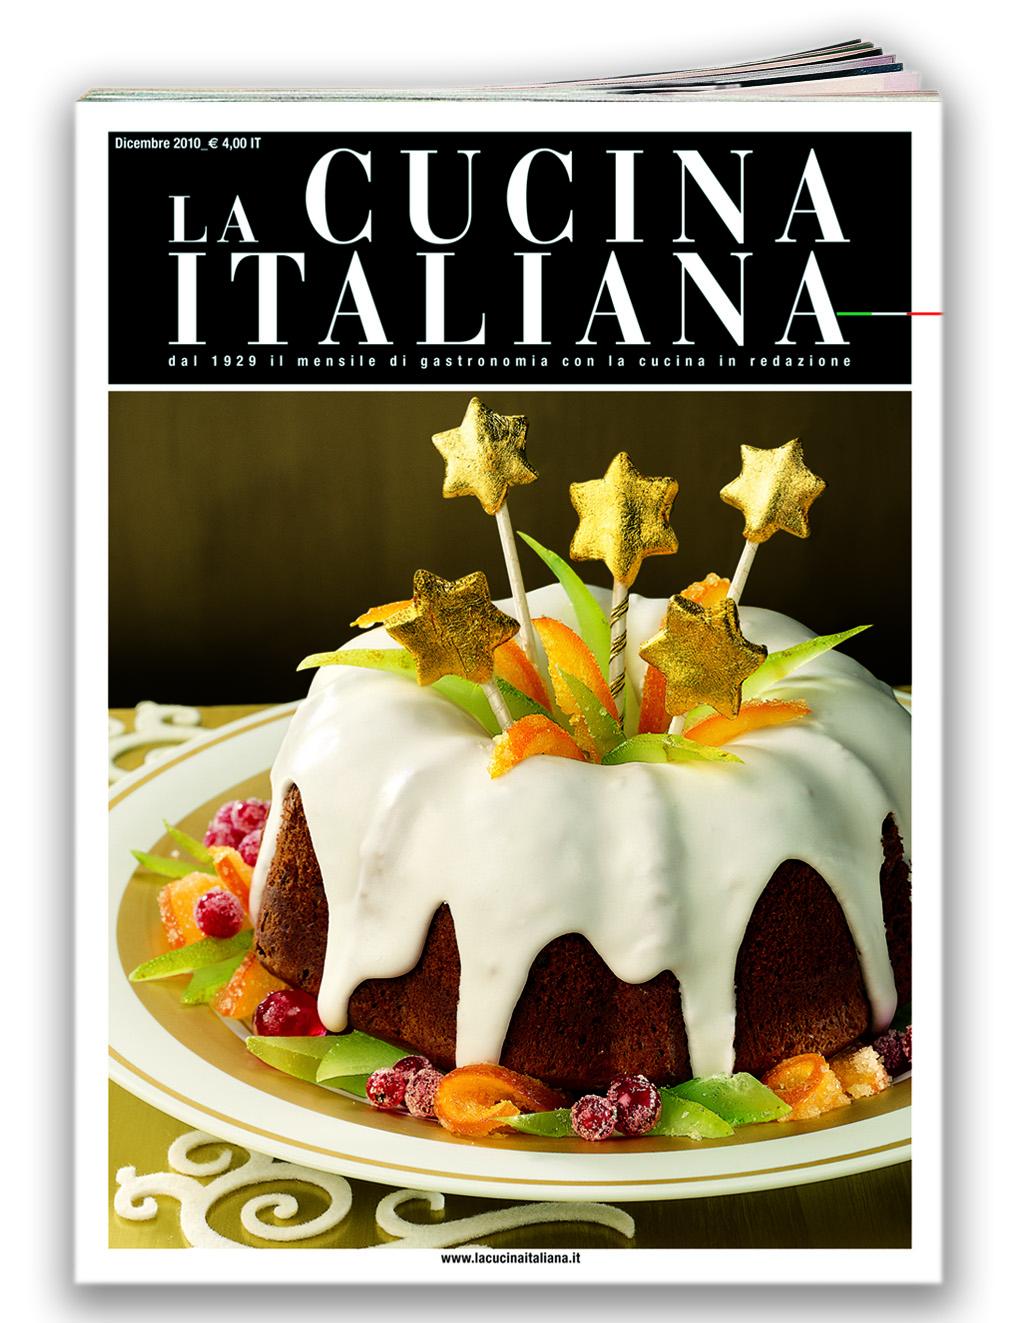 leditrice quadratum passa a cond nast italia quadratum proprietaria del marchio la cucina italiana rivista pi siti web